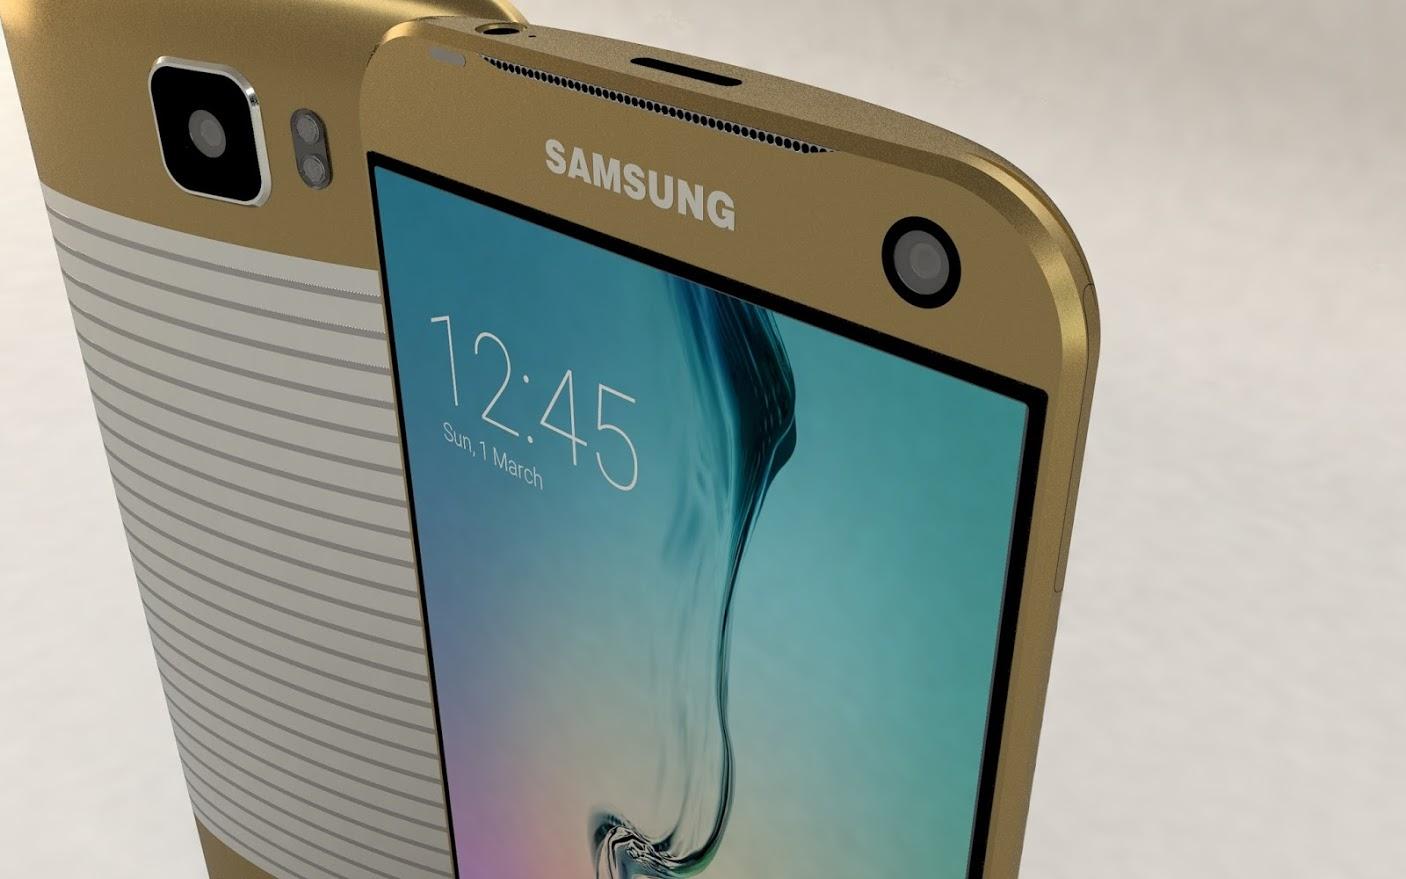 Samsung Galaxy S7- Possibile ritorno a Snapdragon?